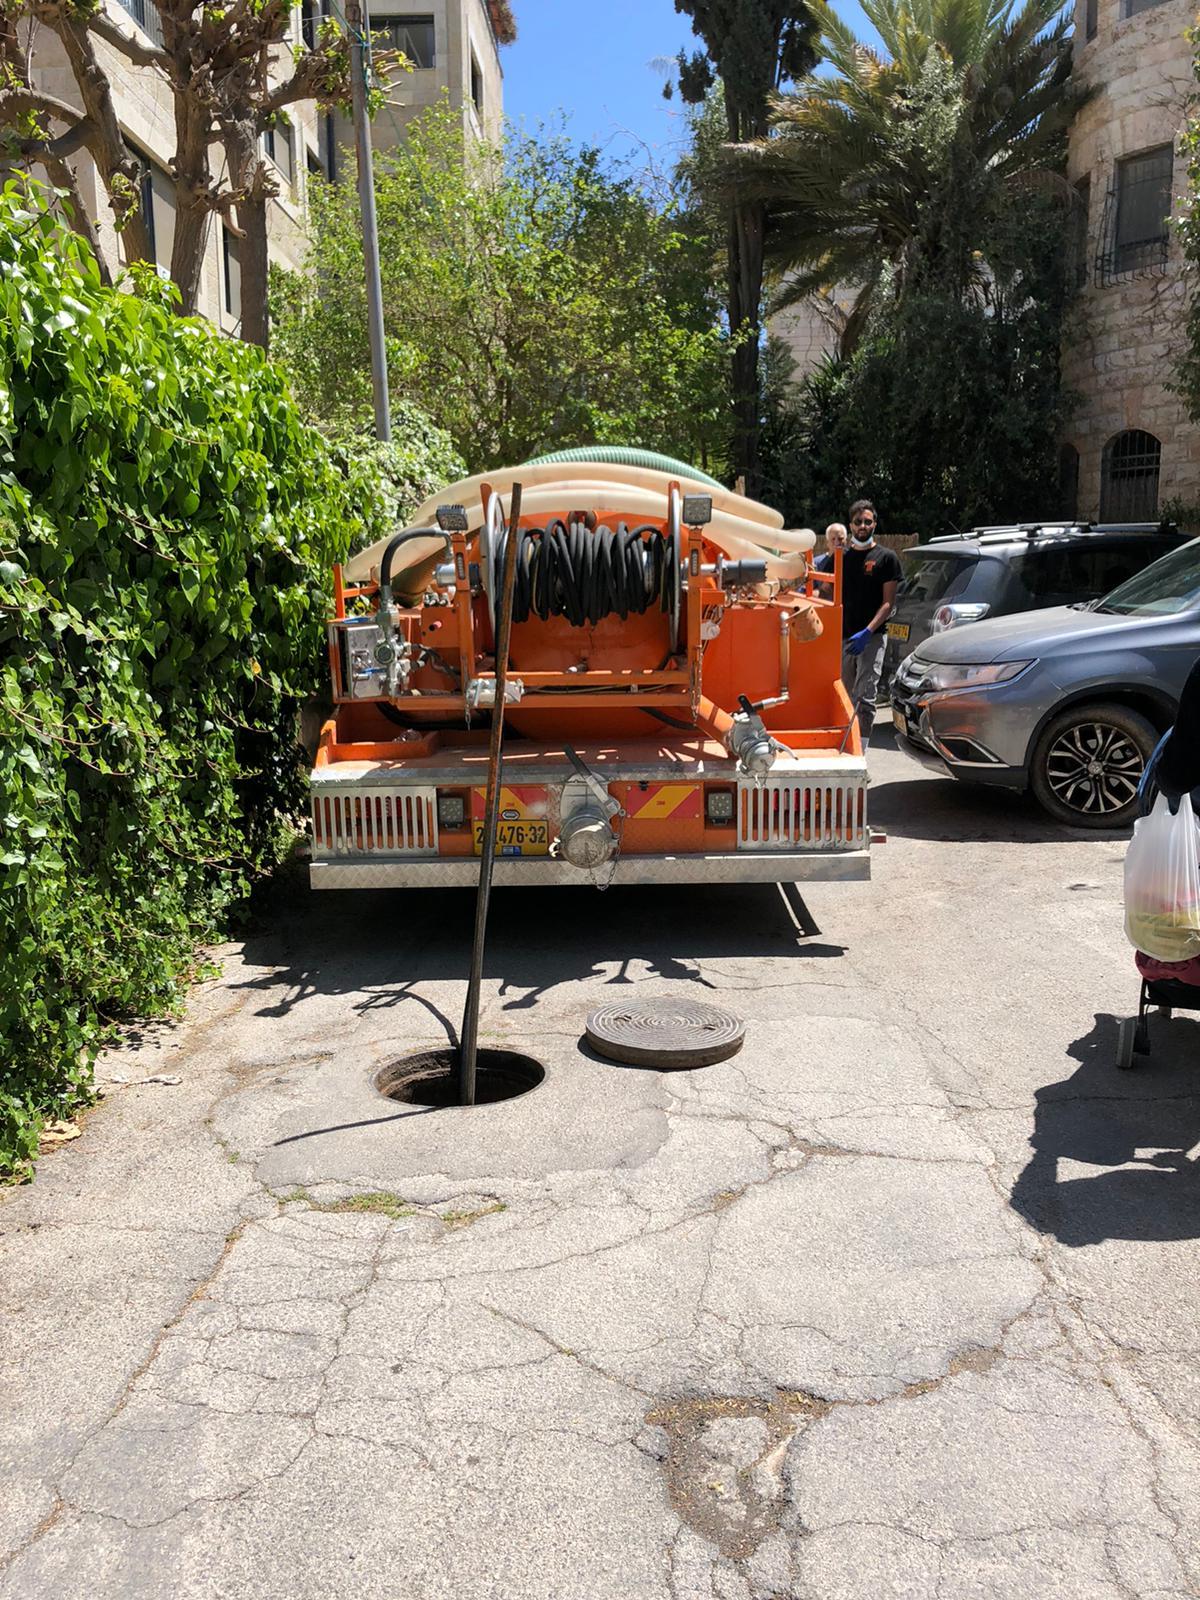 פתיחת סתימה בבניין מגורים משותף בשכונת ארנונה ירושלים.